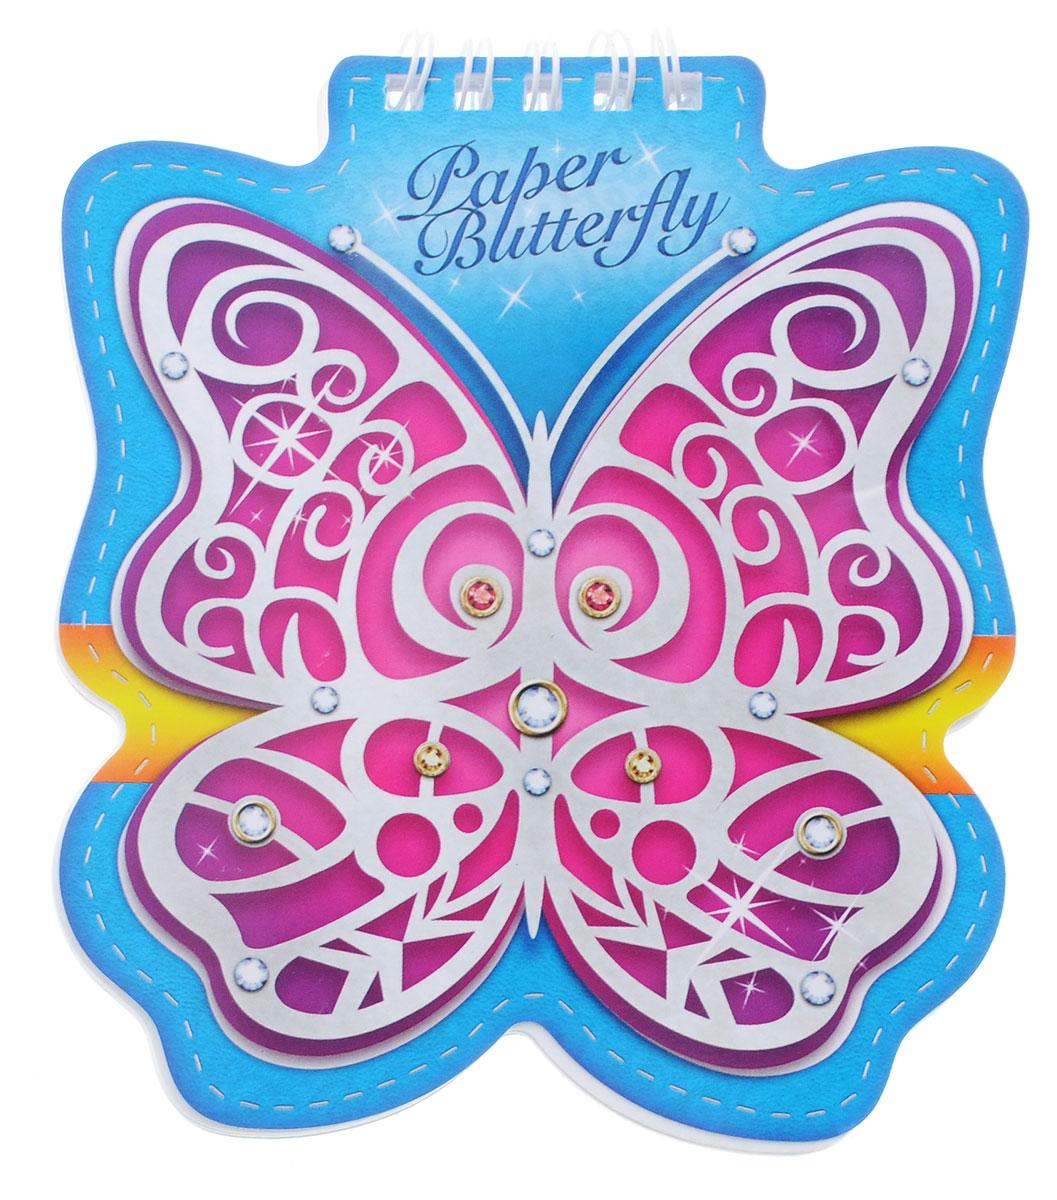 Hatber Блокнот Paper Butterfly 60 листов72523WDБлокнот Hatber Paper Butterfly послужит прекрасным местом для памятных записей, любимых стихов и многого другого.Внутренний блок состоит из 60 листов белой бумаги на металлическом гребне без линовки.Интересные форма и обложка блокнота притягивают взгляды всех любителей необычного. Блокнот - незаменимый атрибут современного человека, необходимый для рабочих и повседневных записей в офисе и дома.